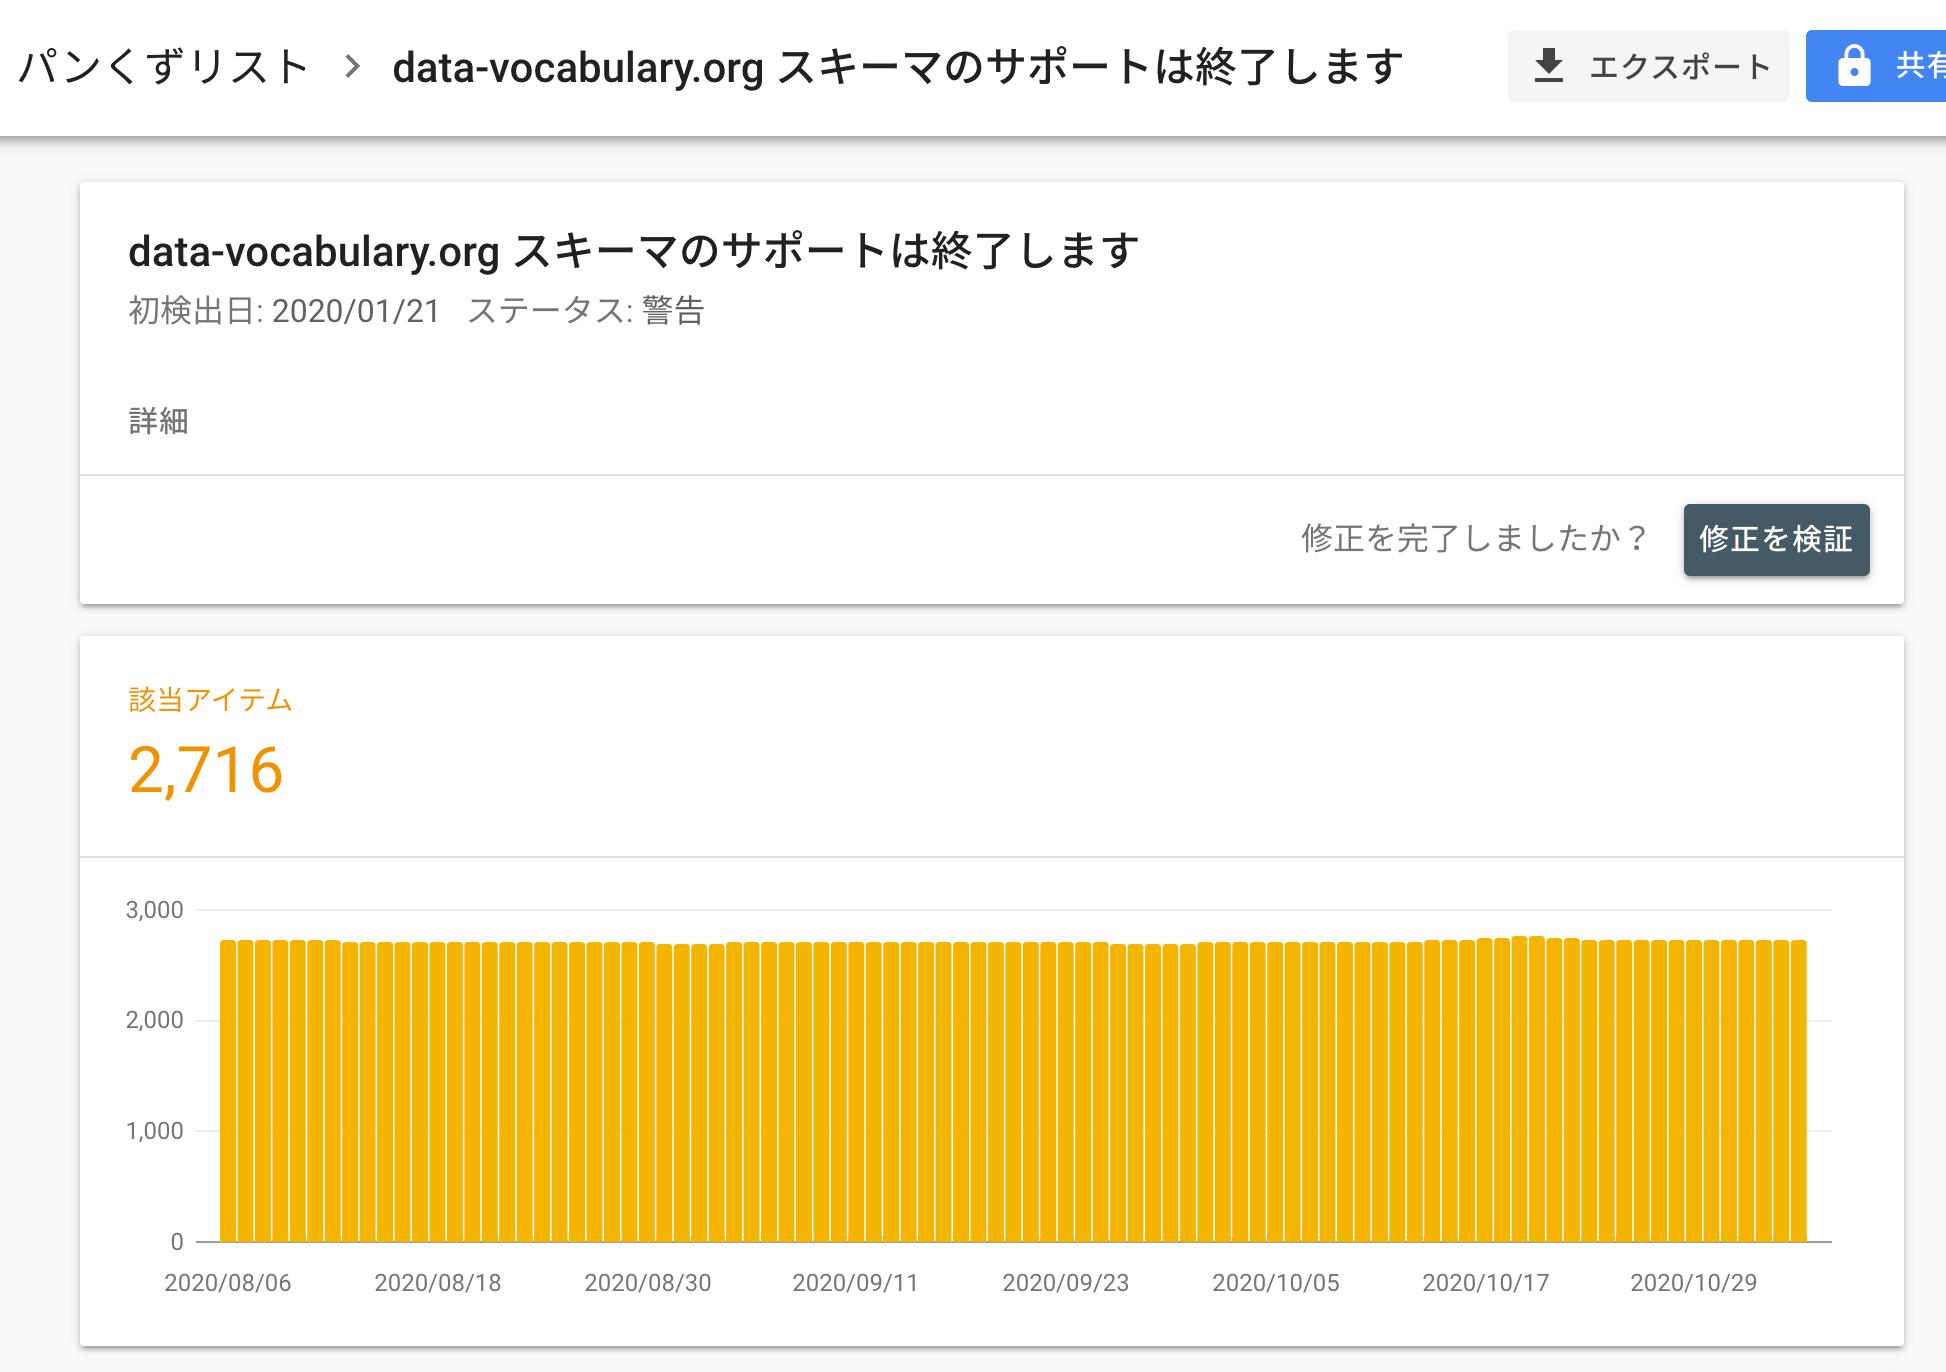 data-vocabulary.org スキーマのサポートは終了します